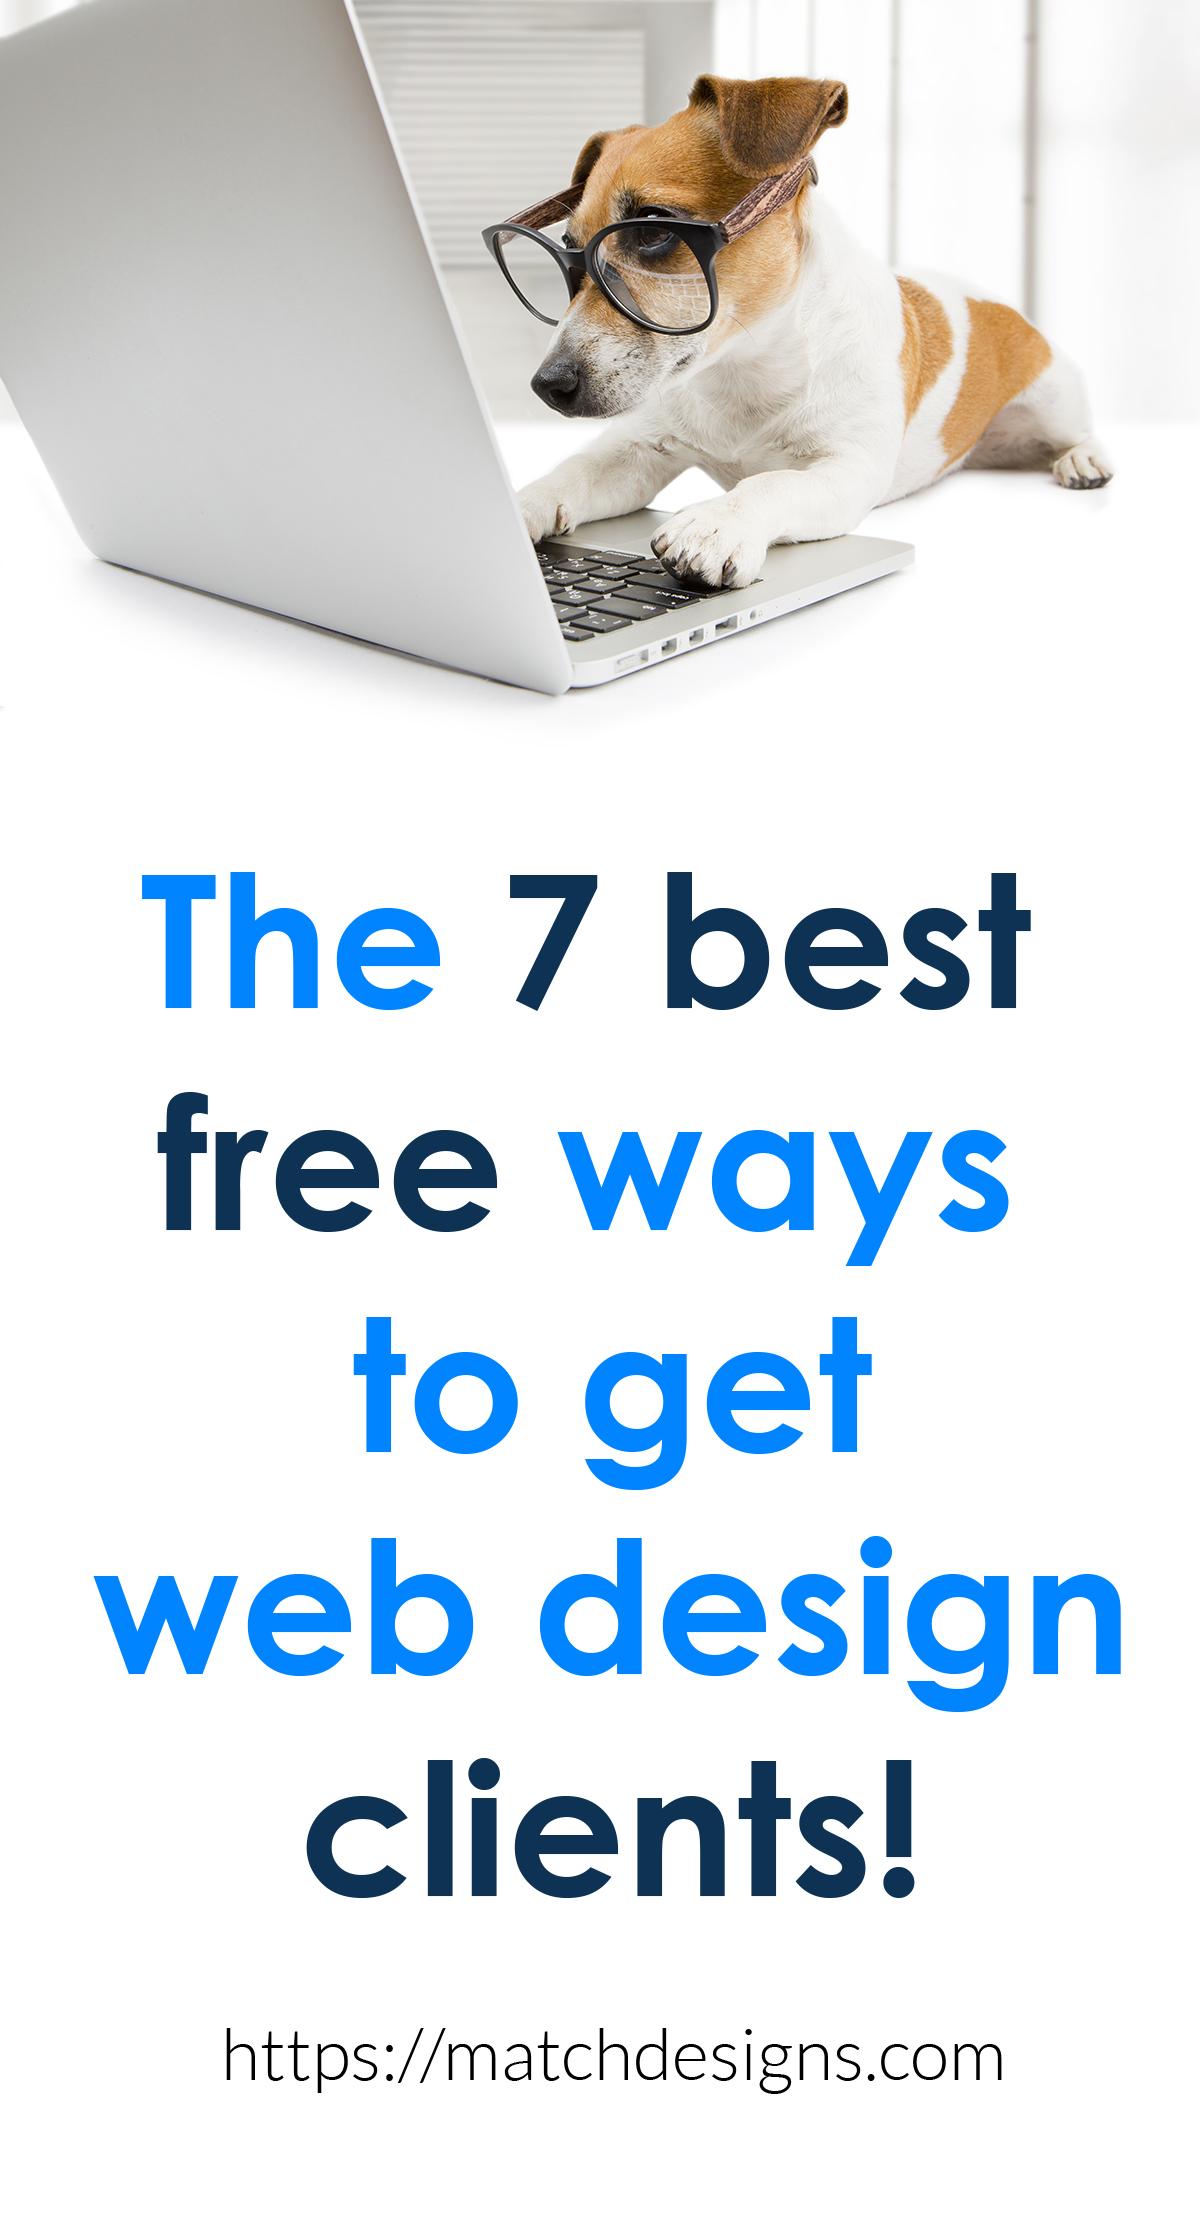 Clients for web design